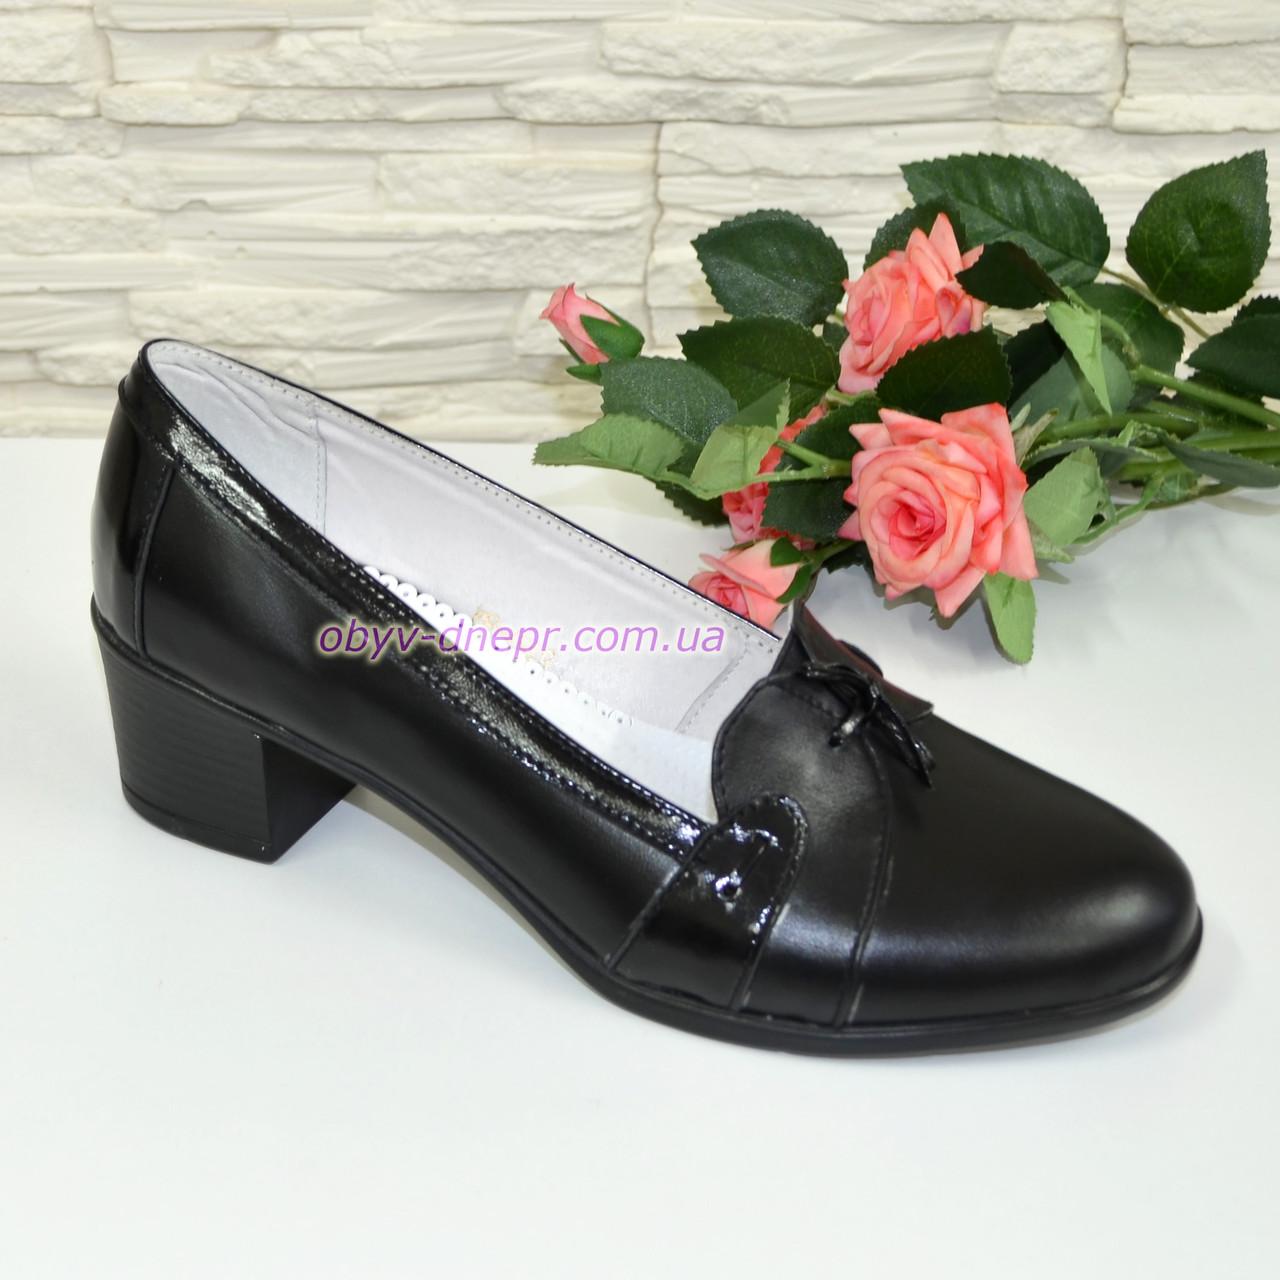 Женские туфли на устойчивом каблуке, натуральная кожа и лак.